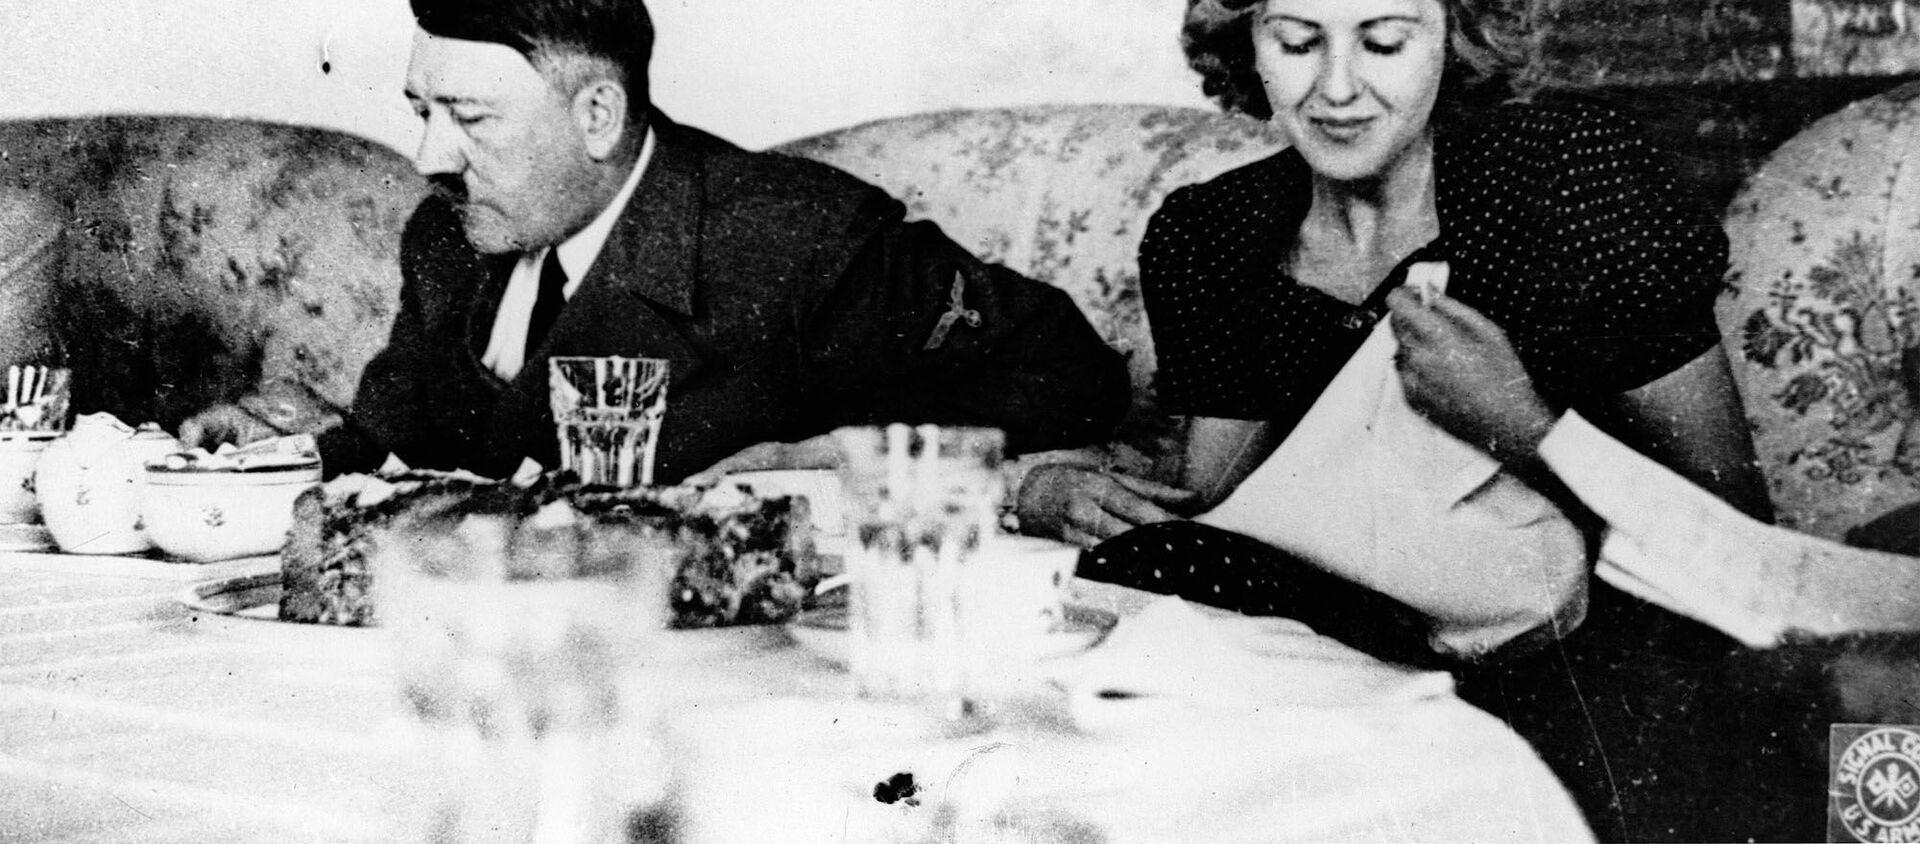 El líder nazi Adolf Hitler y su amante Eva Braun durante un almuerzo - Sputnik Mundo, 1920, 06.12.2020